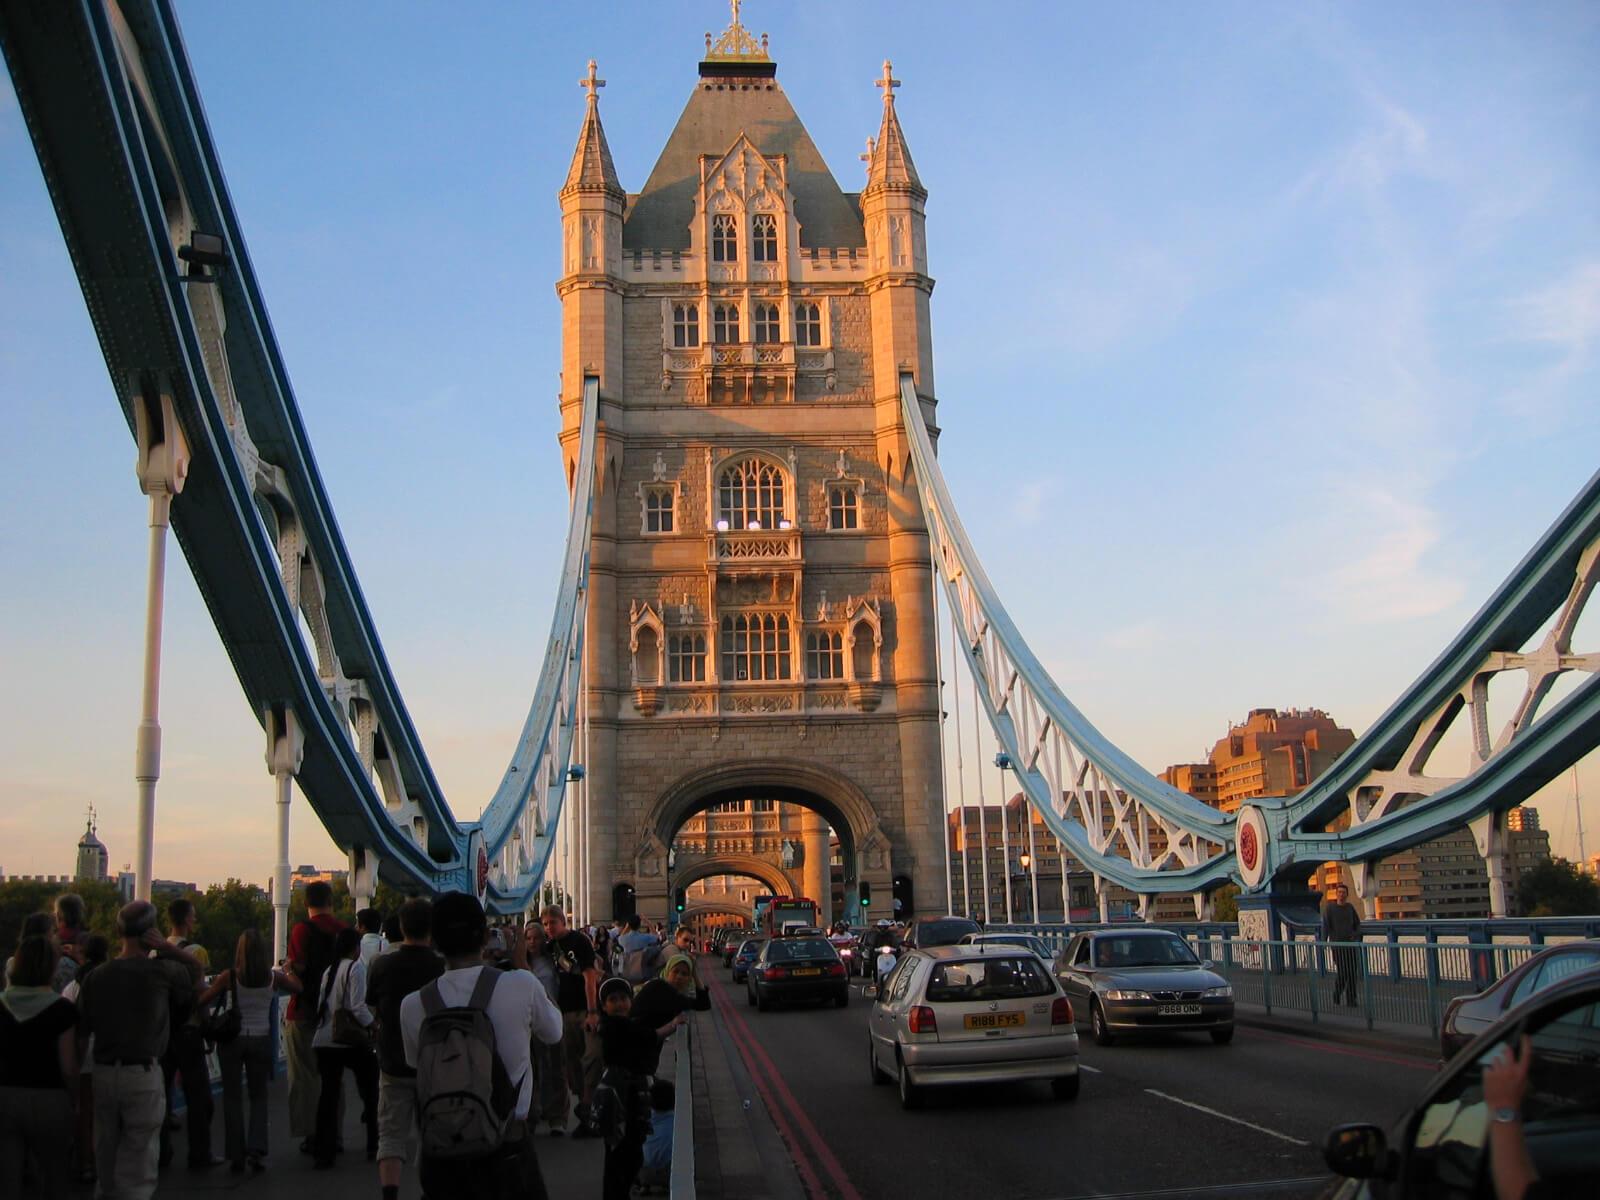 tower-bridge-closure-2